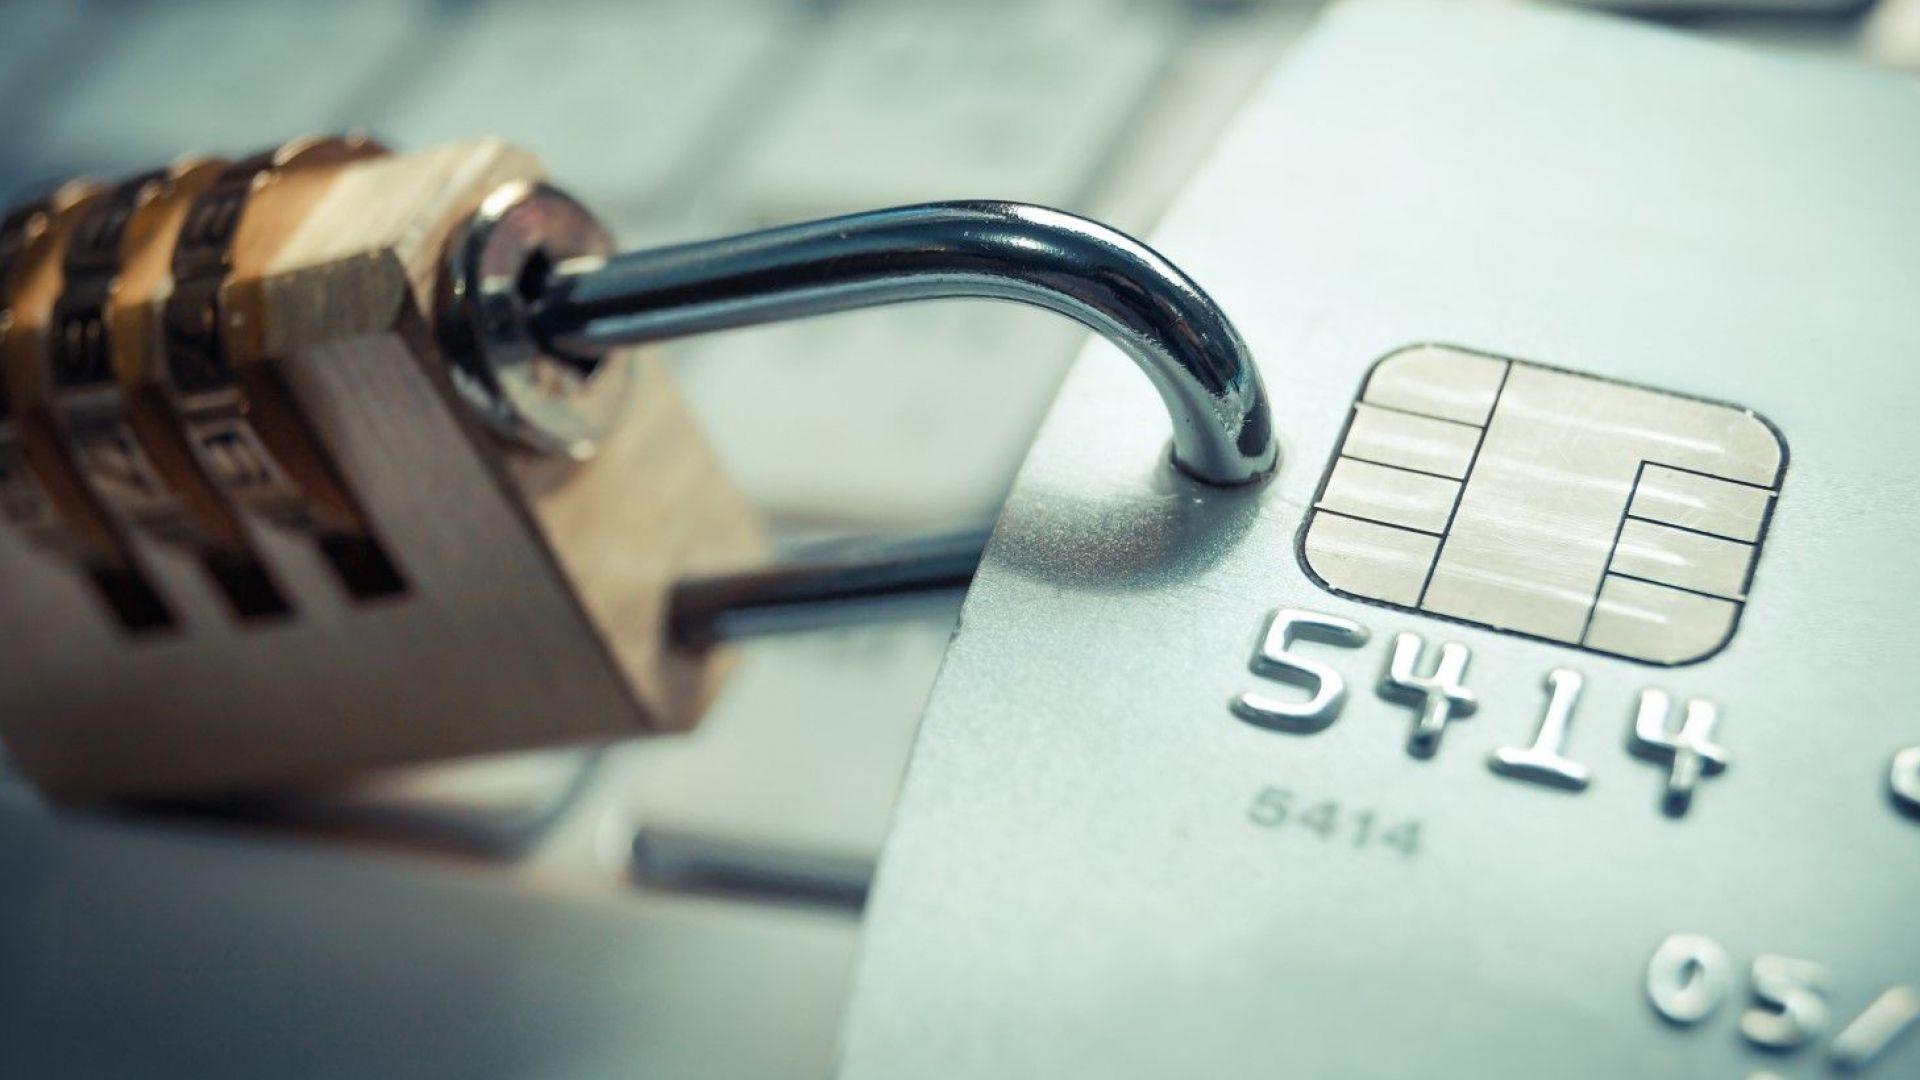 Дигиталната карта пази парите ви при онлайн пазаруване